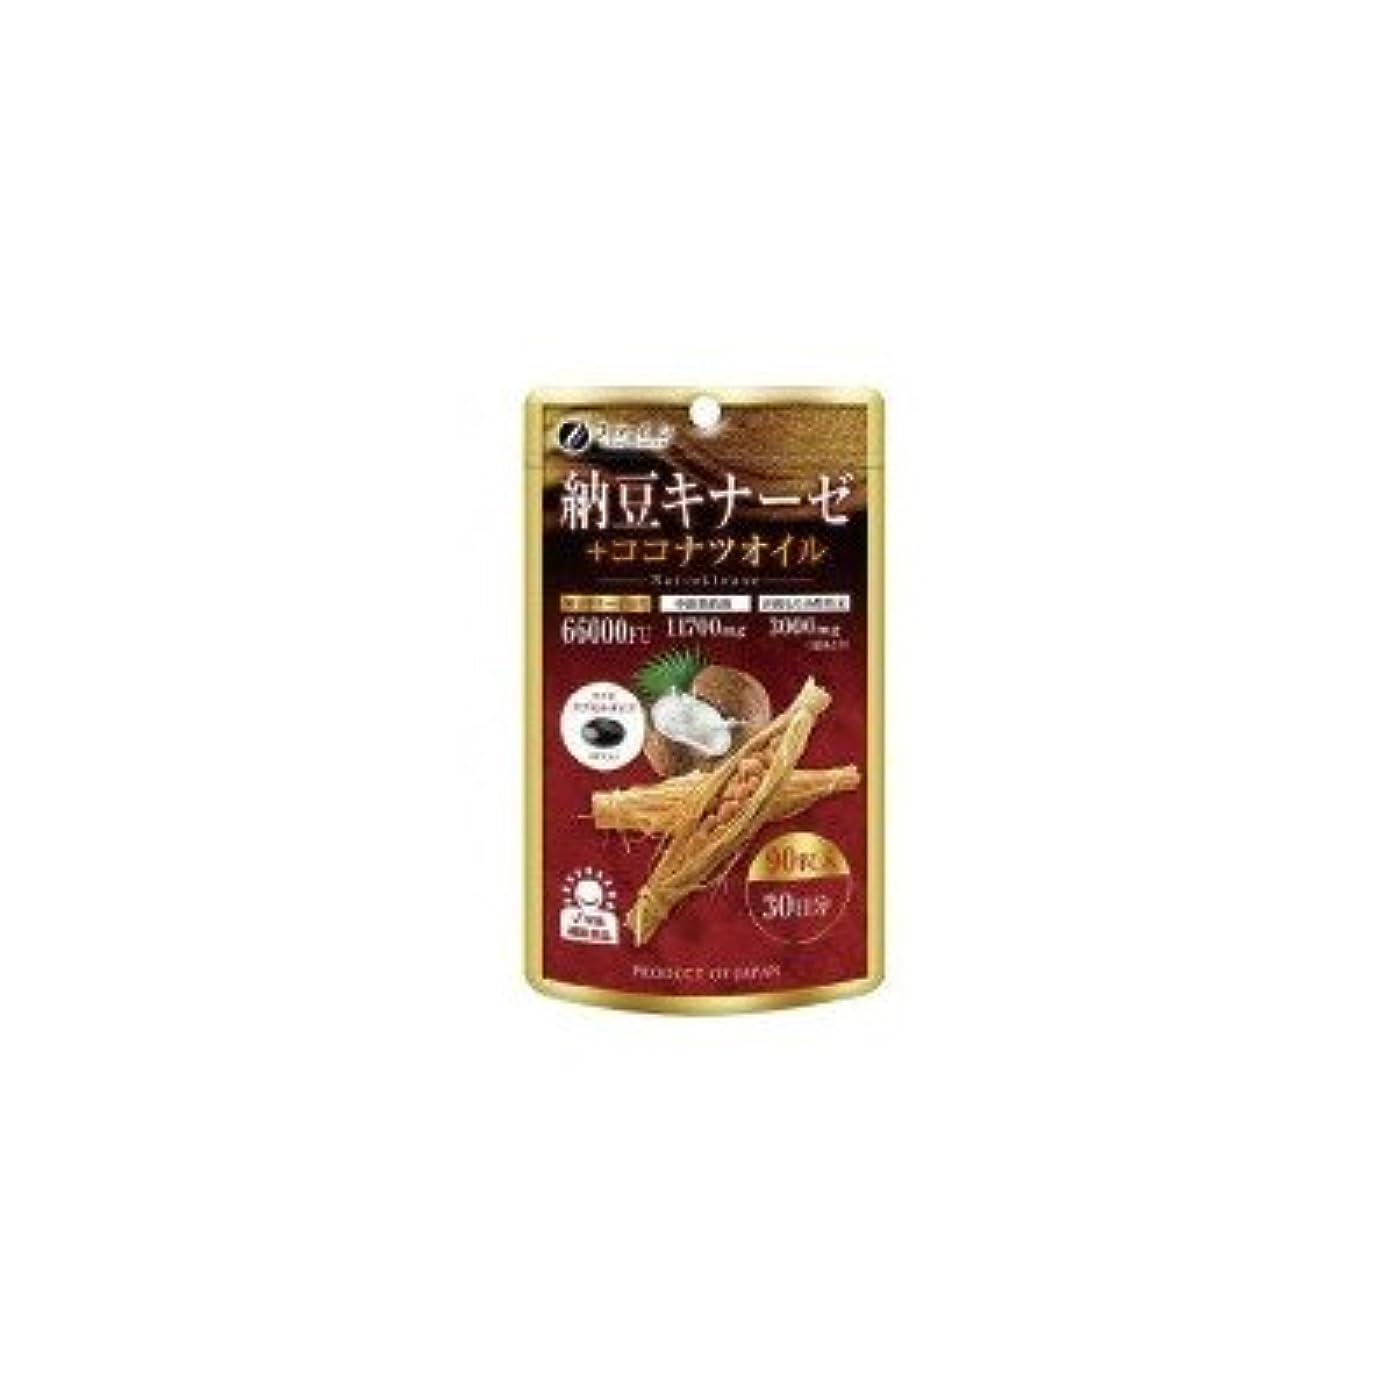 バーマドスペシャリスト禁じるファイン 納豆キナーゼ+ココナツオイル 40.5g(450mg×90粒)